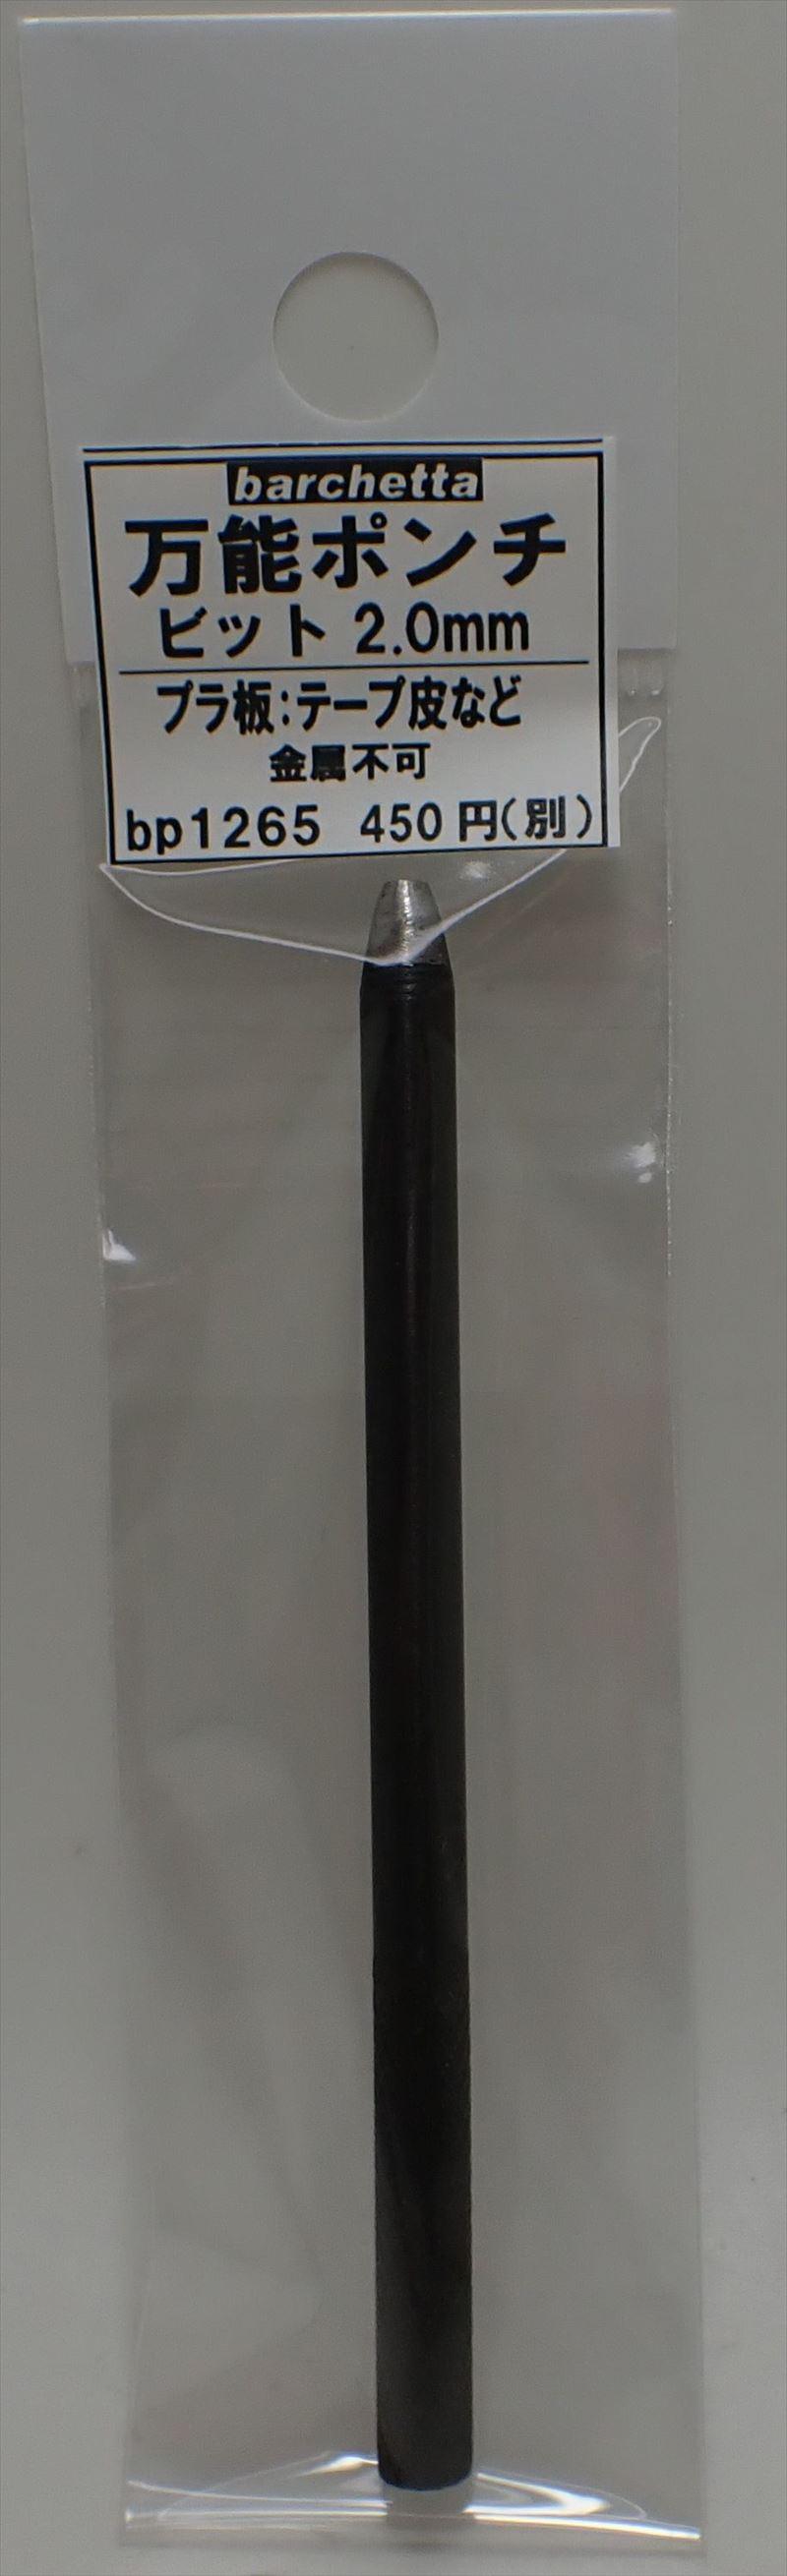 bp1265 万能ポンチ φ2.0mm